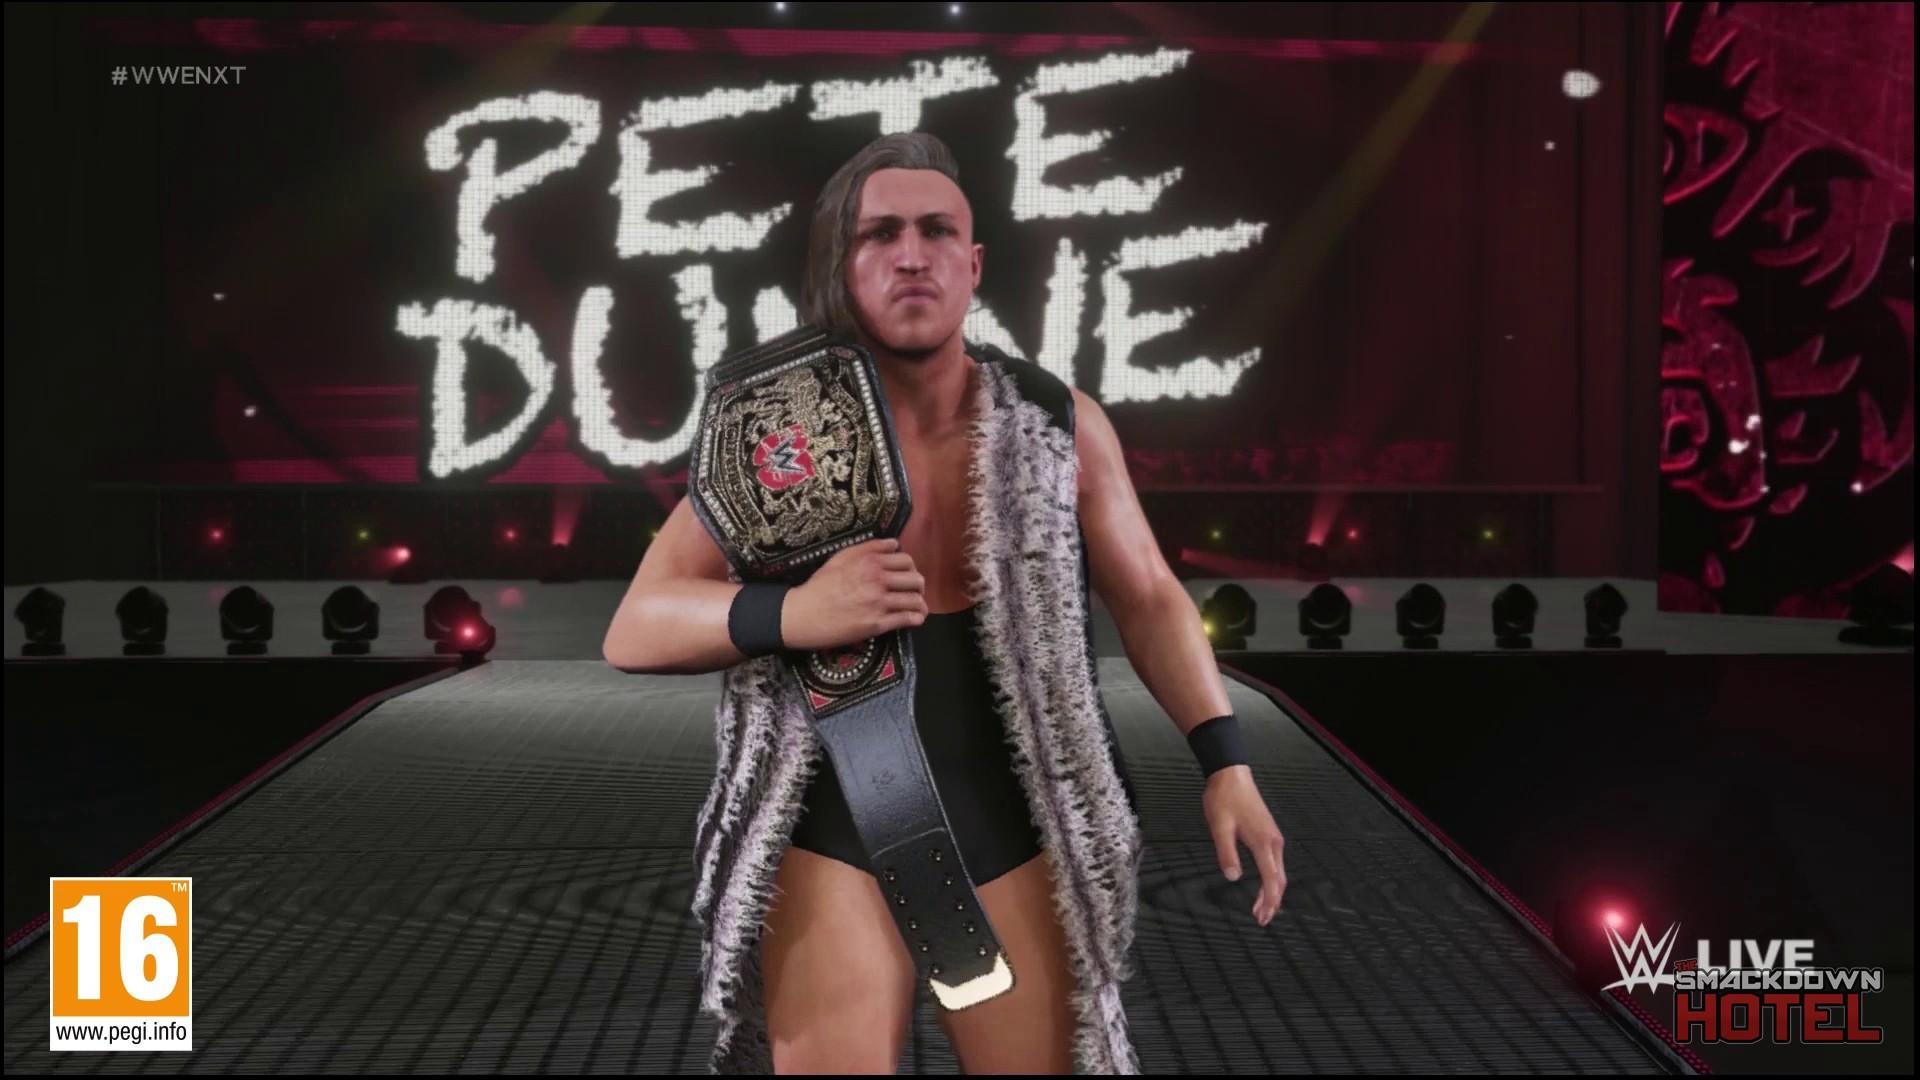 WWE 2K19 : Pete Dunne & Tyler Bate - Entrées + screenshots  WWE_2K19_PeteDunne_3-15326-1080